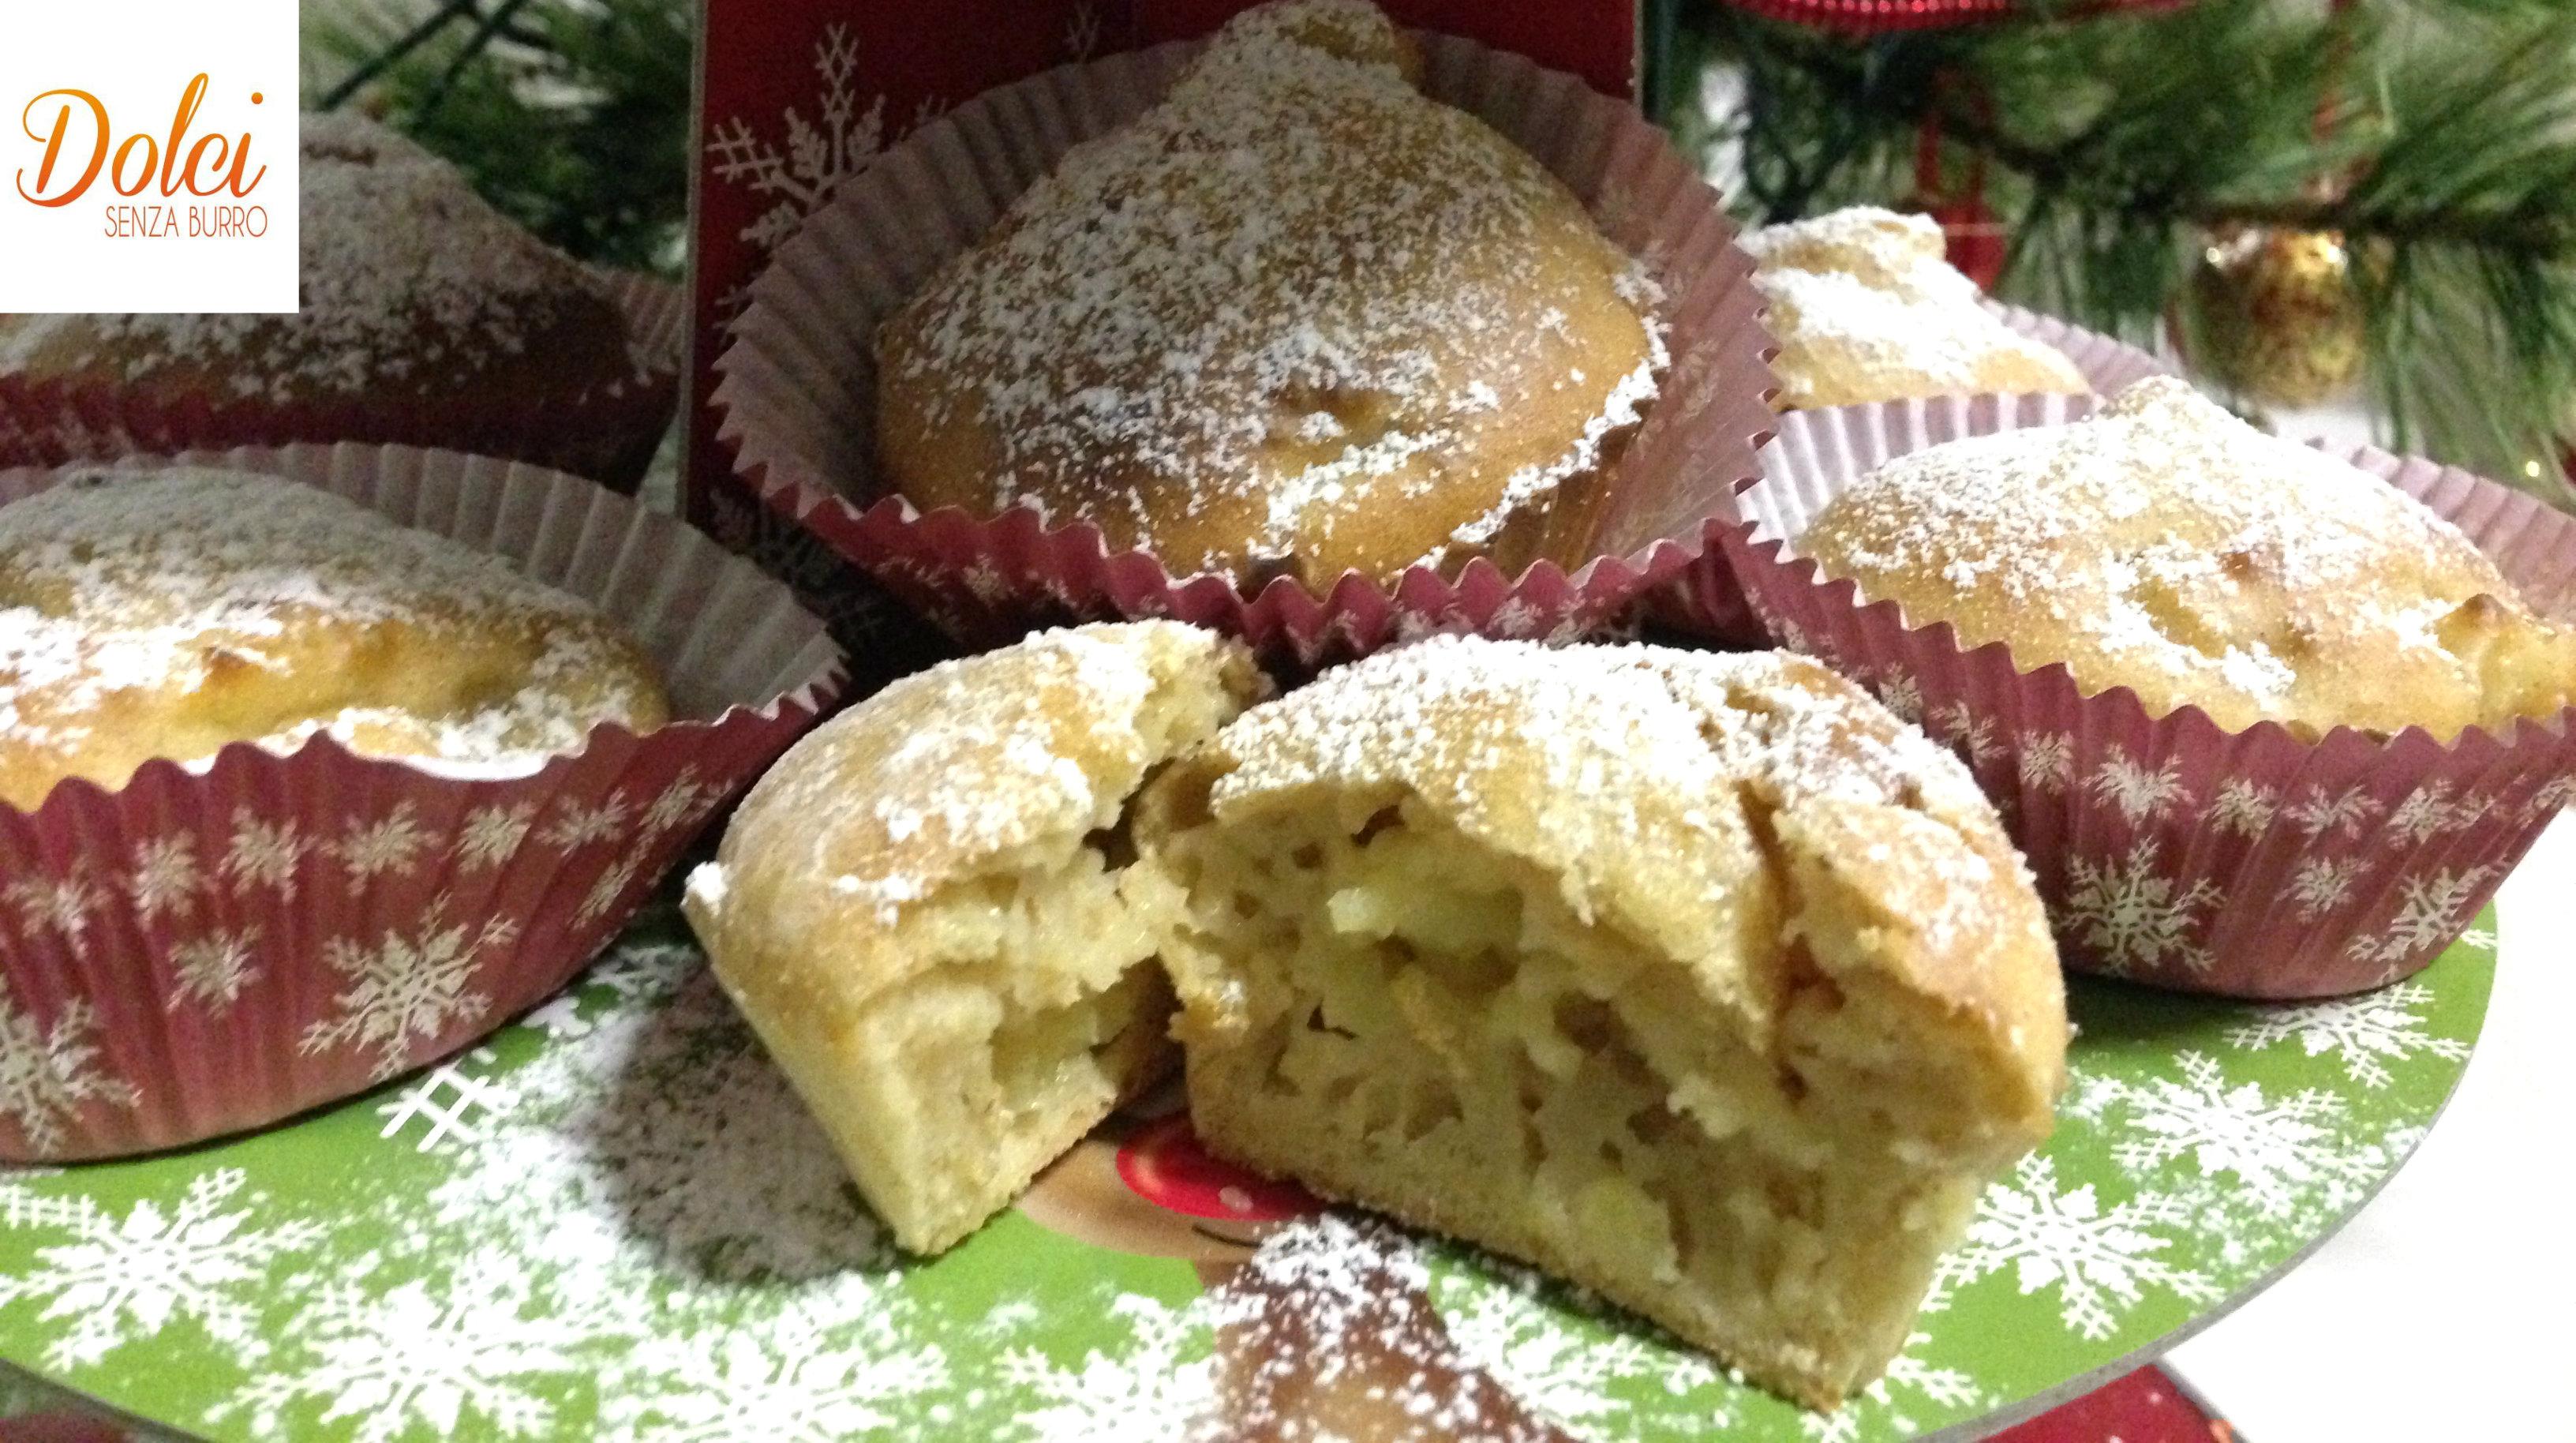 Muffin alle Mele Senza Burro, un dolce senza lattosio e senza uova di dolci senza burro